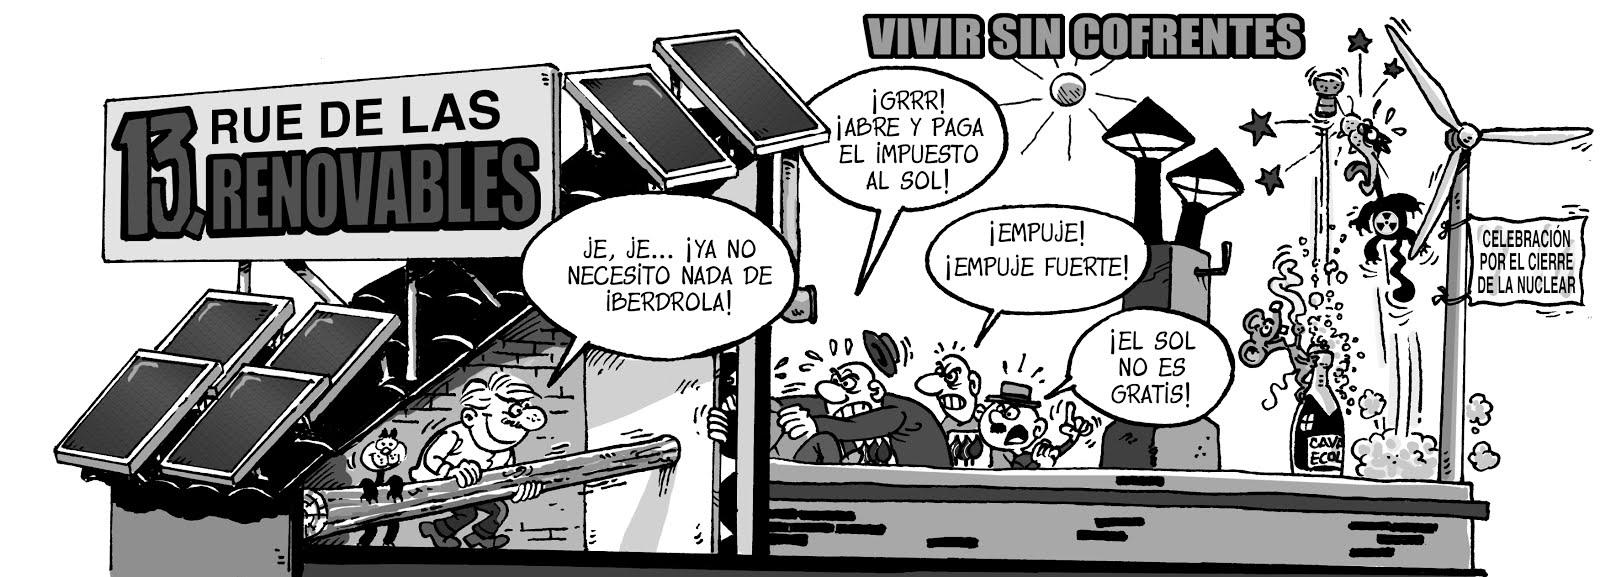 13 RUE DE LAS RENOVABLES: primera entrega !!!